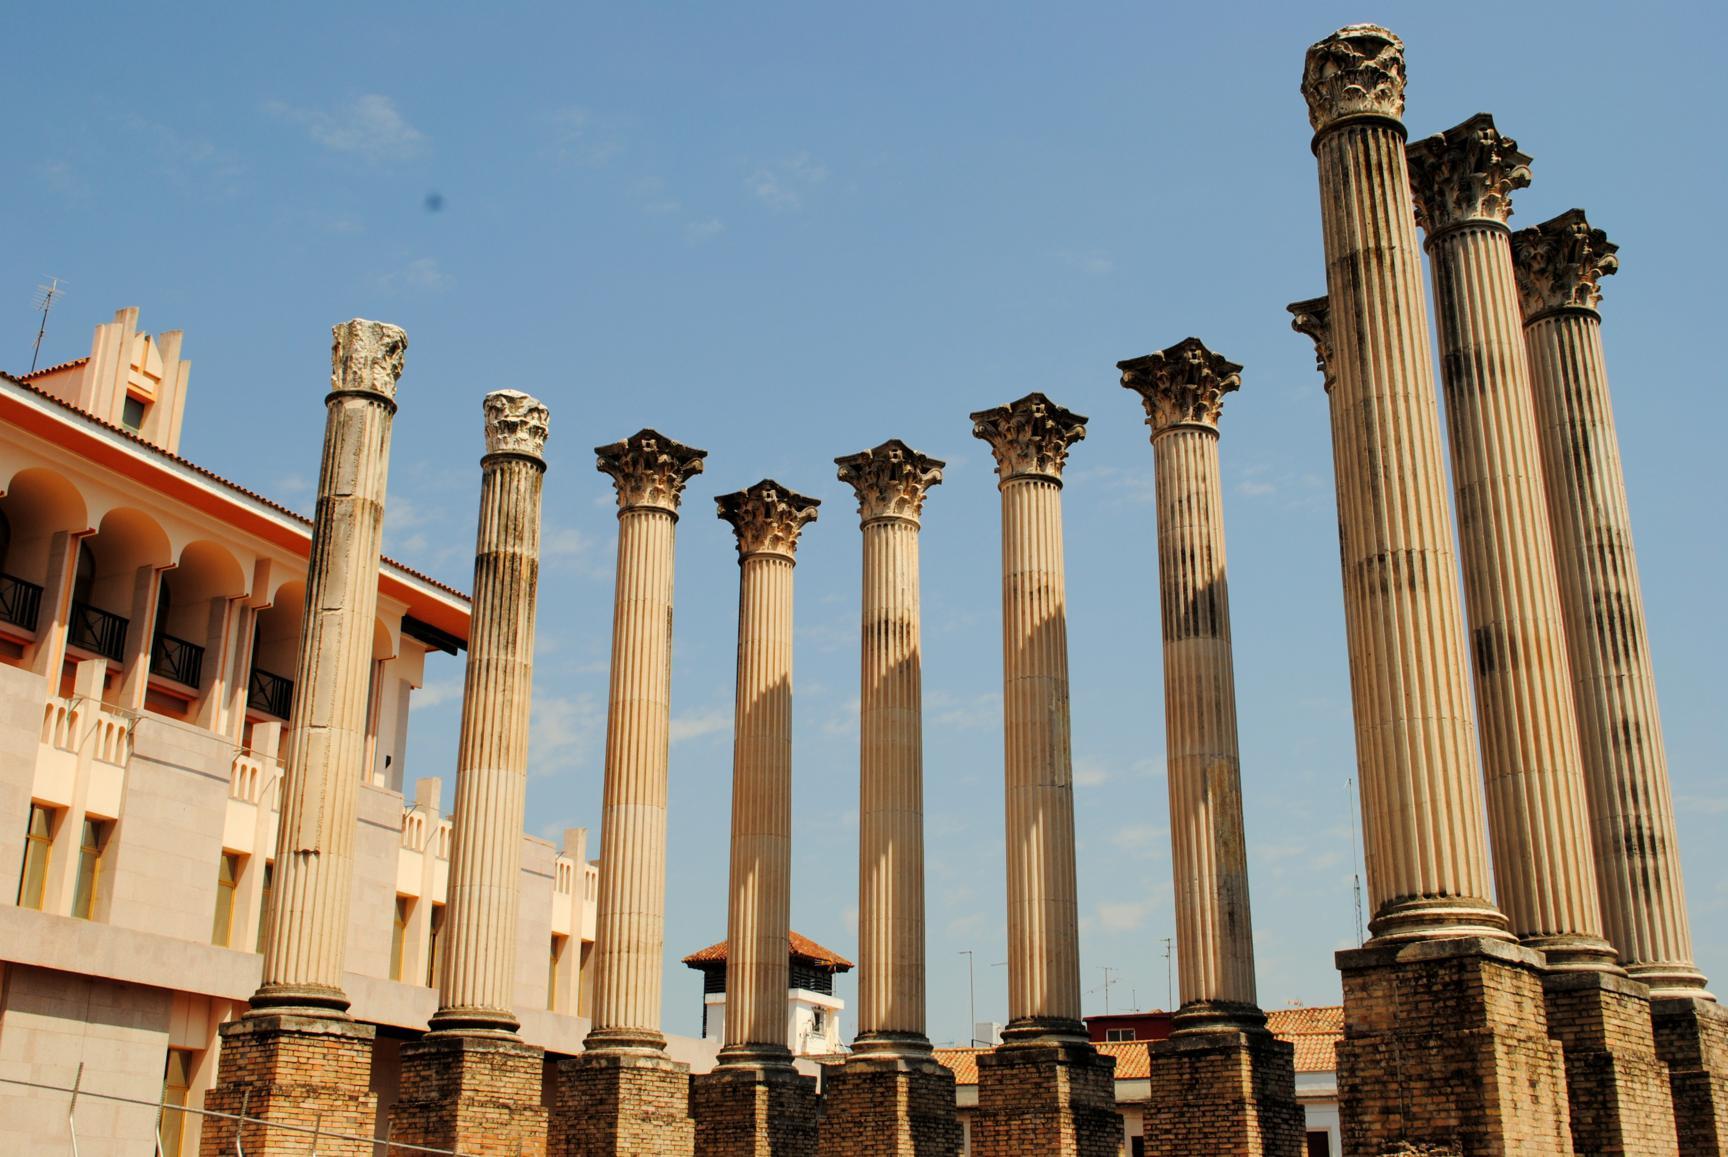 templo-romano-2